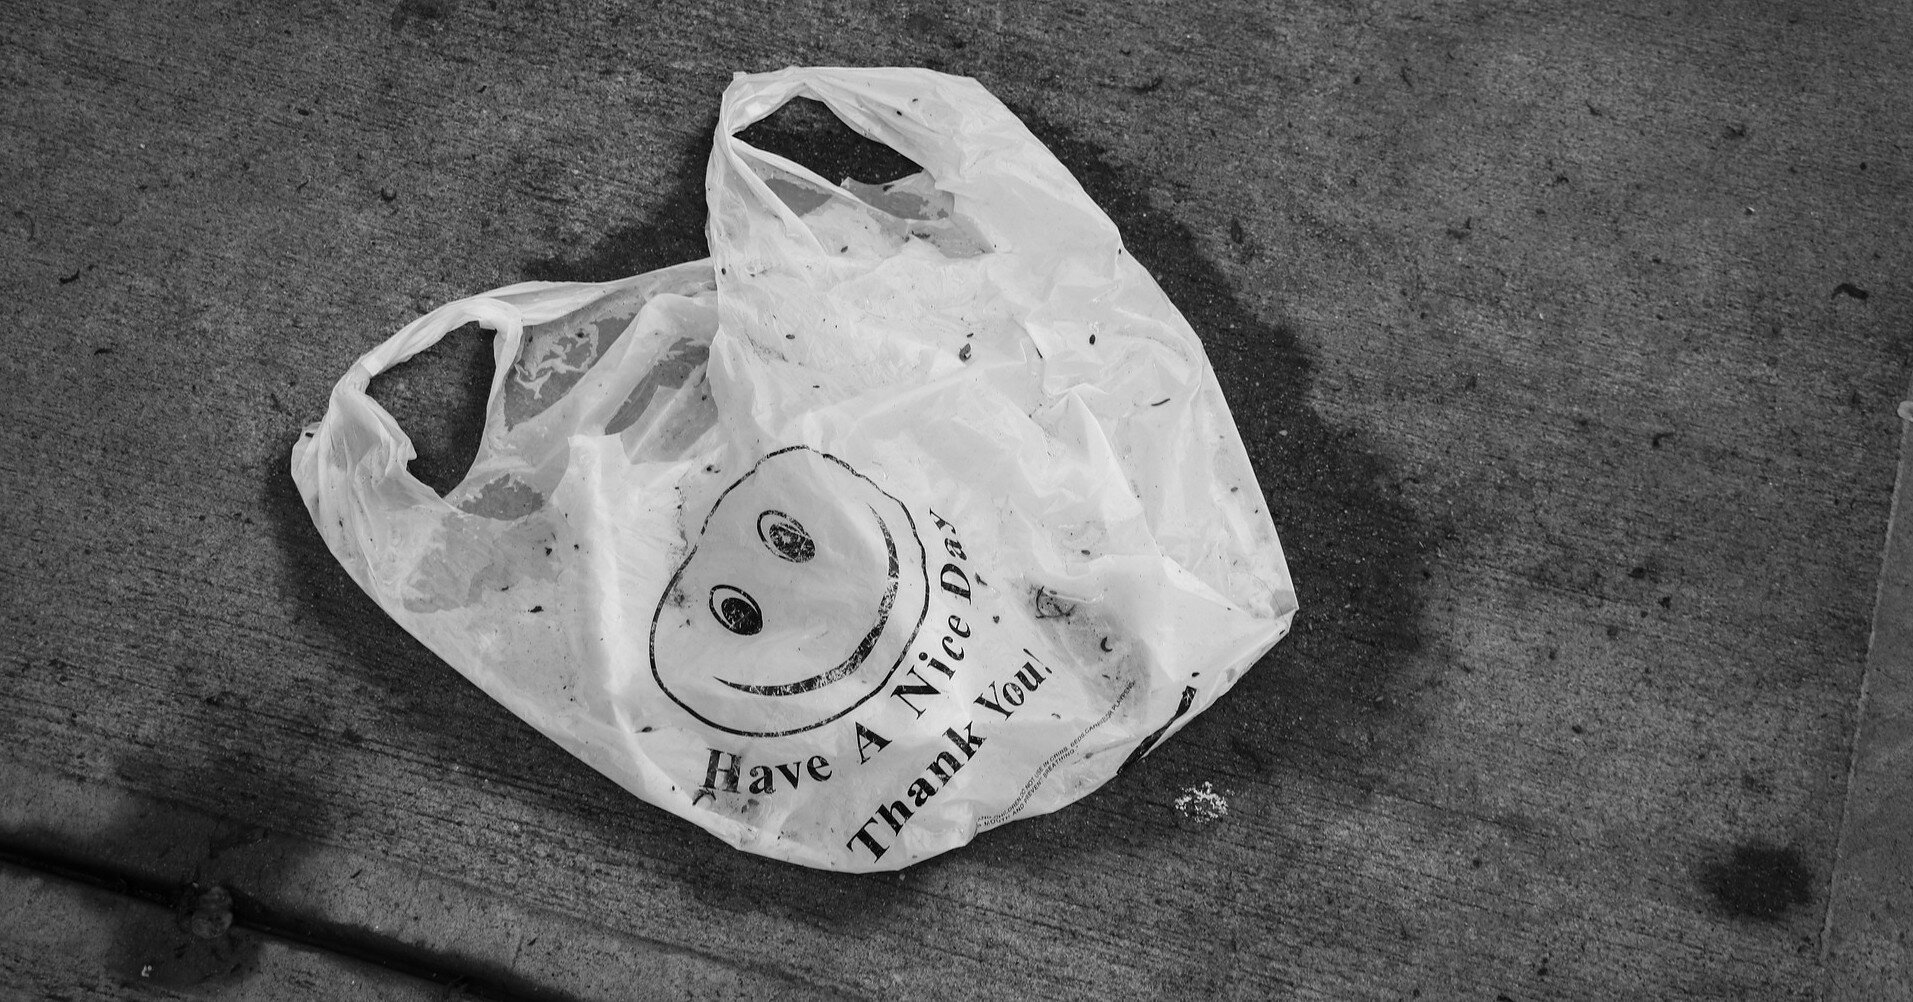 Закон о запрете пластиковых пакетов: когда начнет действовать